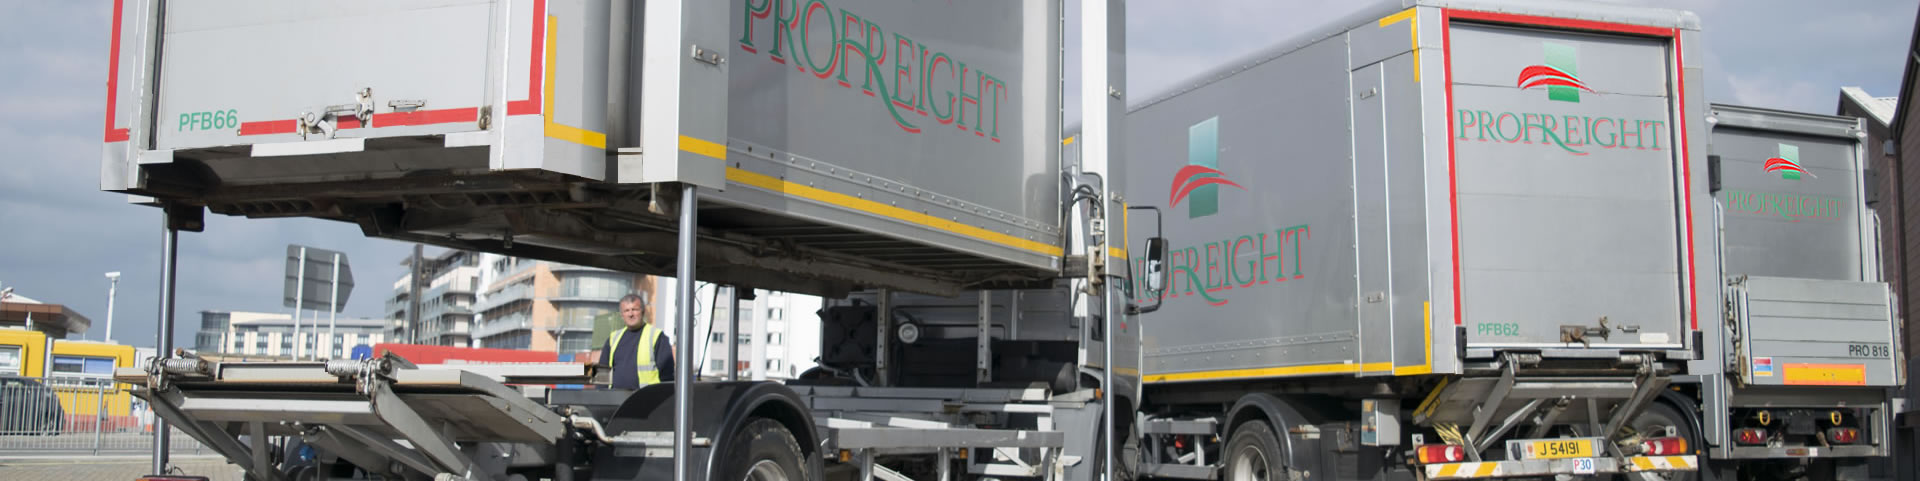 Profreight fleet